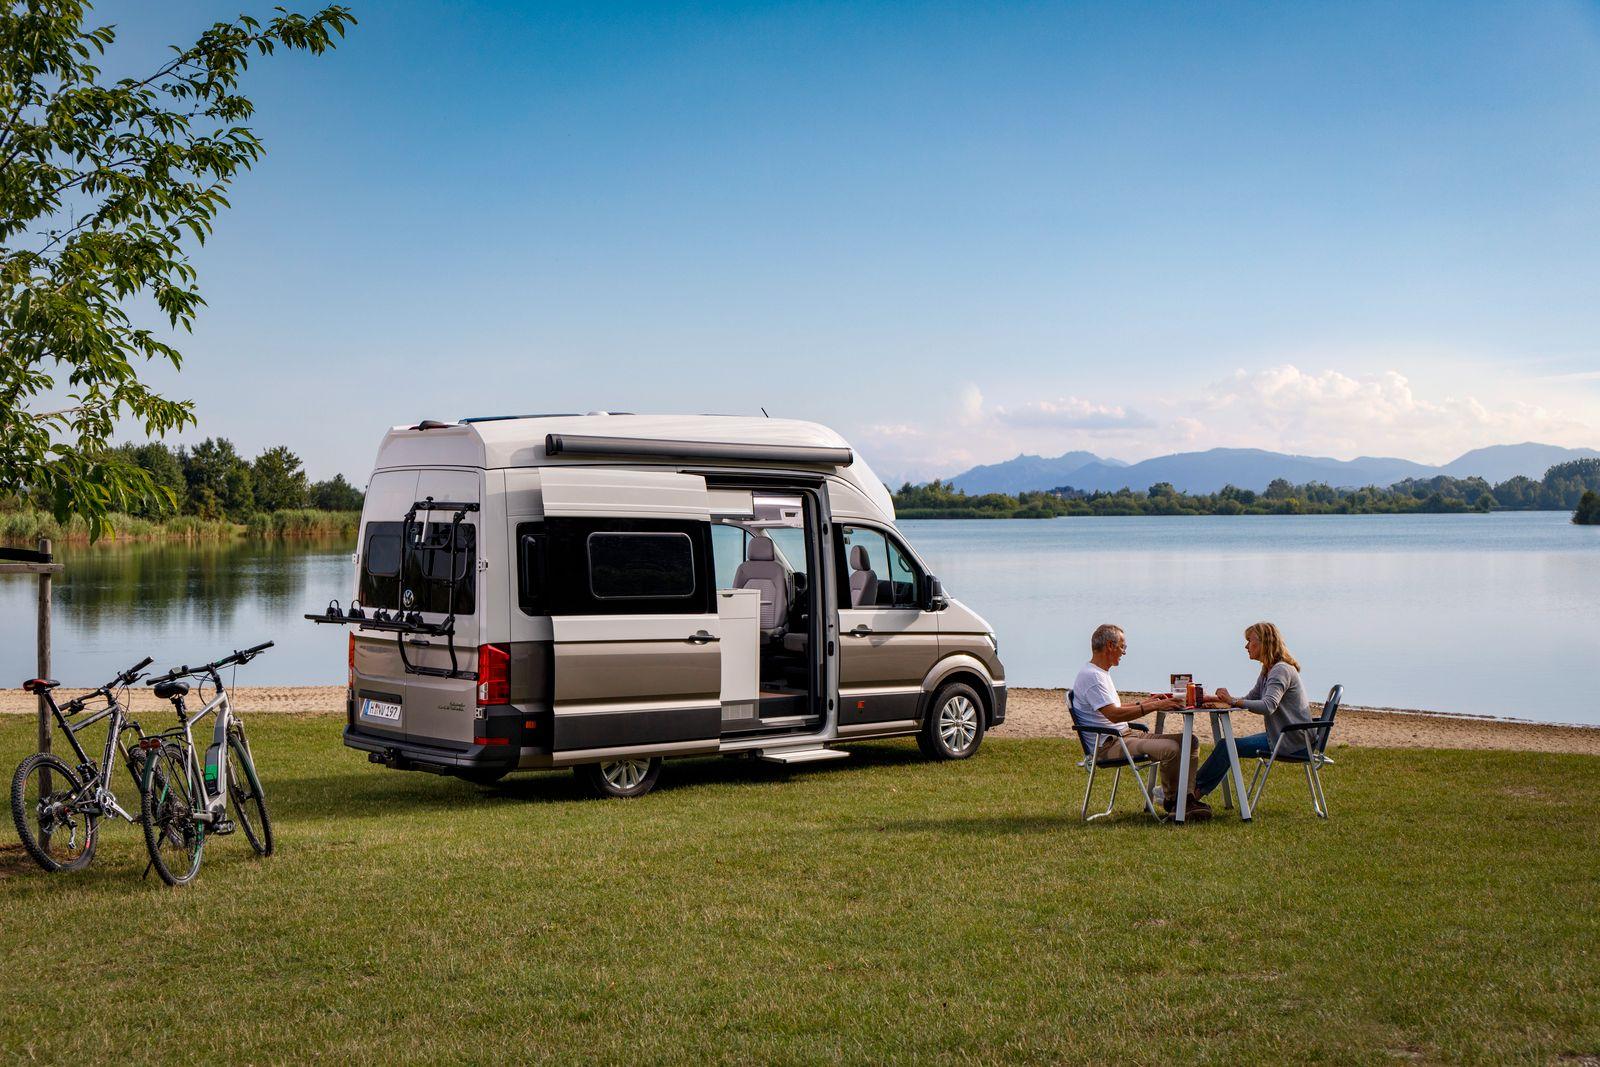 Grand California, Volkswagen, Camping, VW, Reisemobile